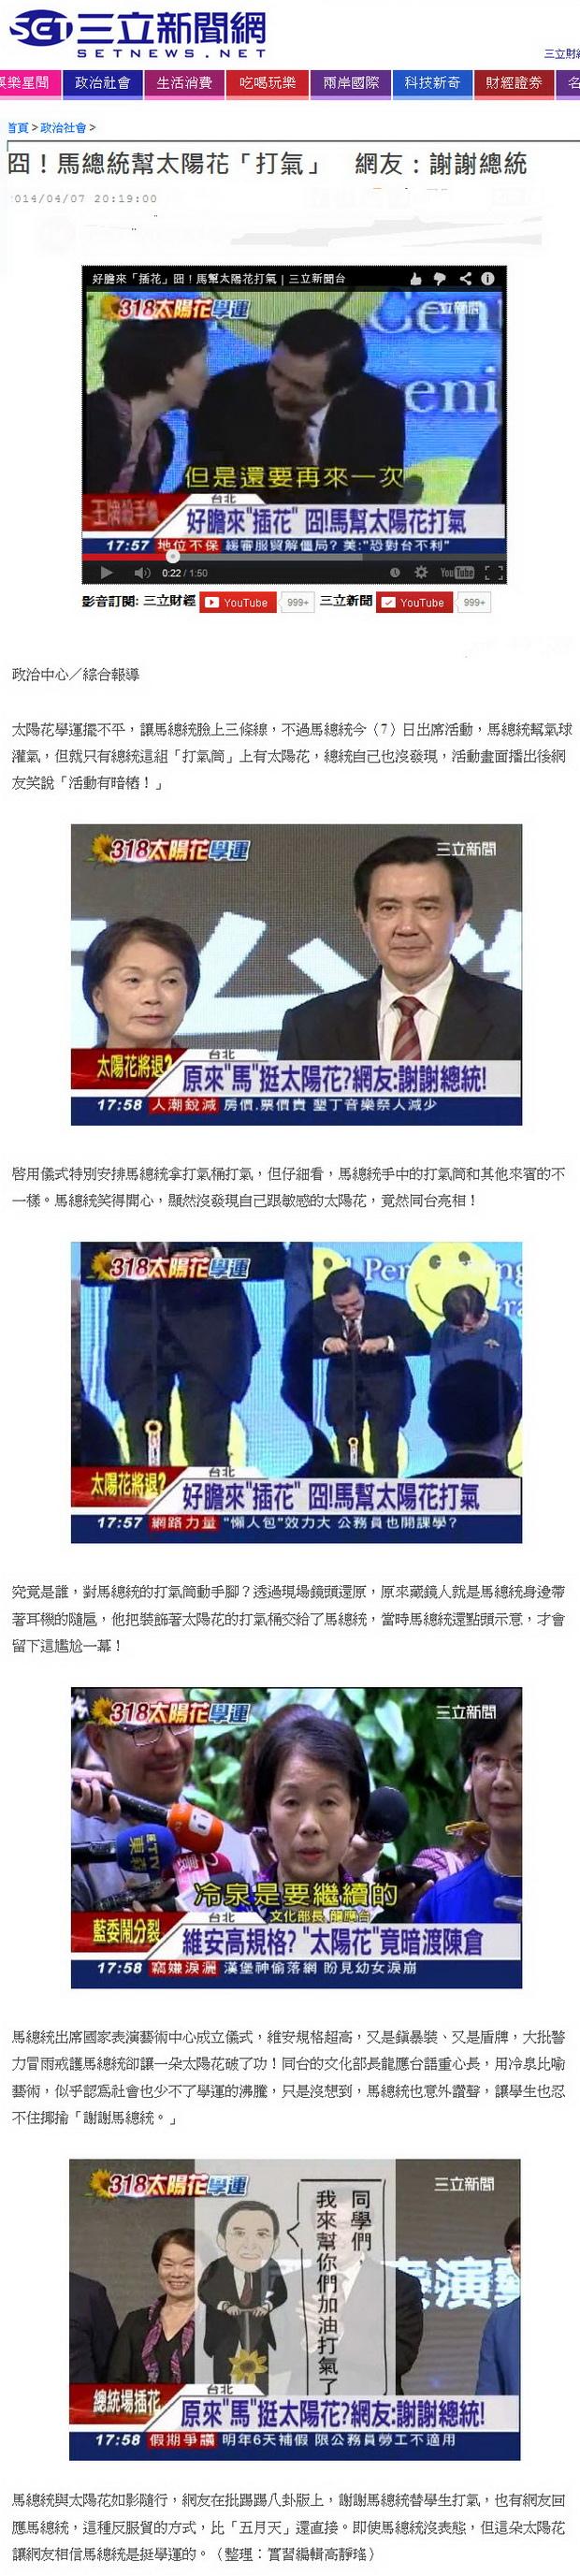 囧!馬總統幫太陽花「打氣」 網友:謝謝總統-2014.04.07.jpg